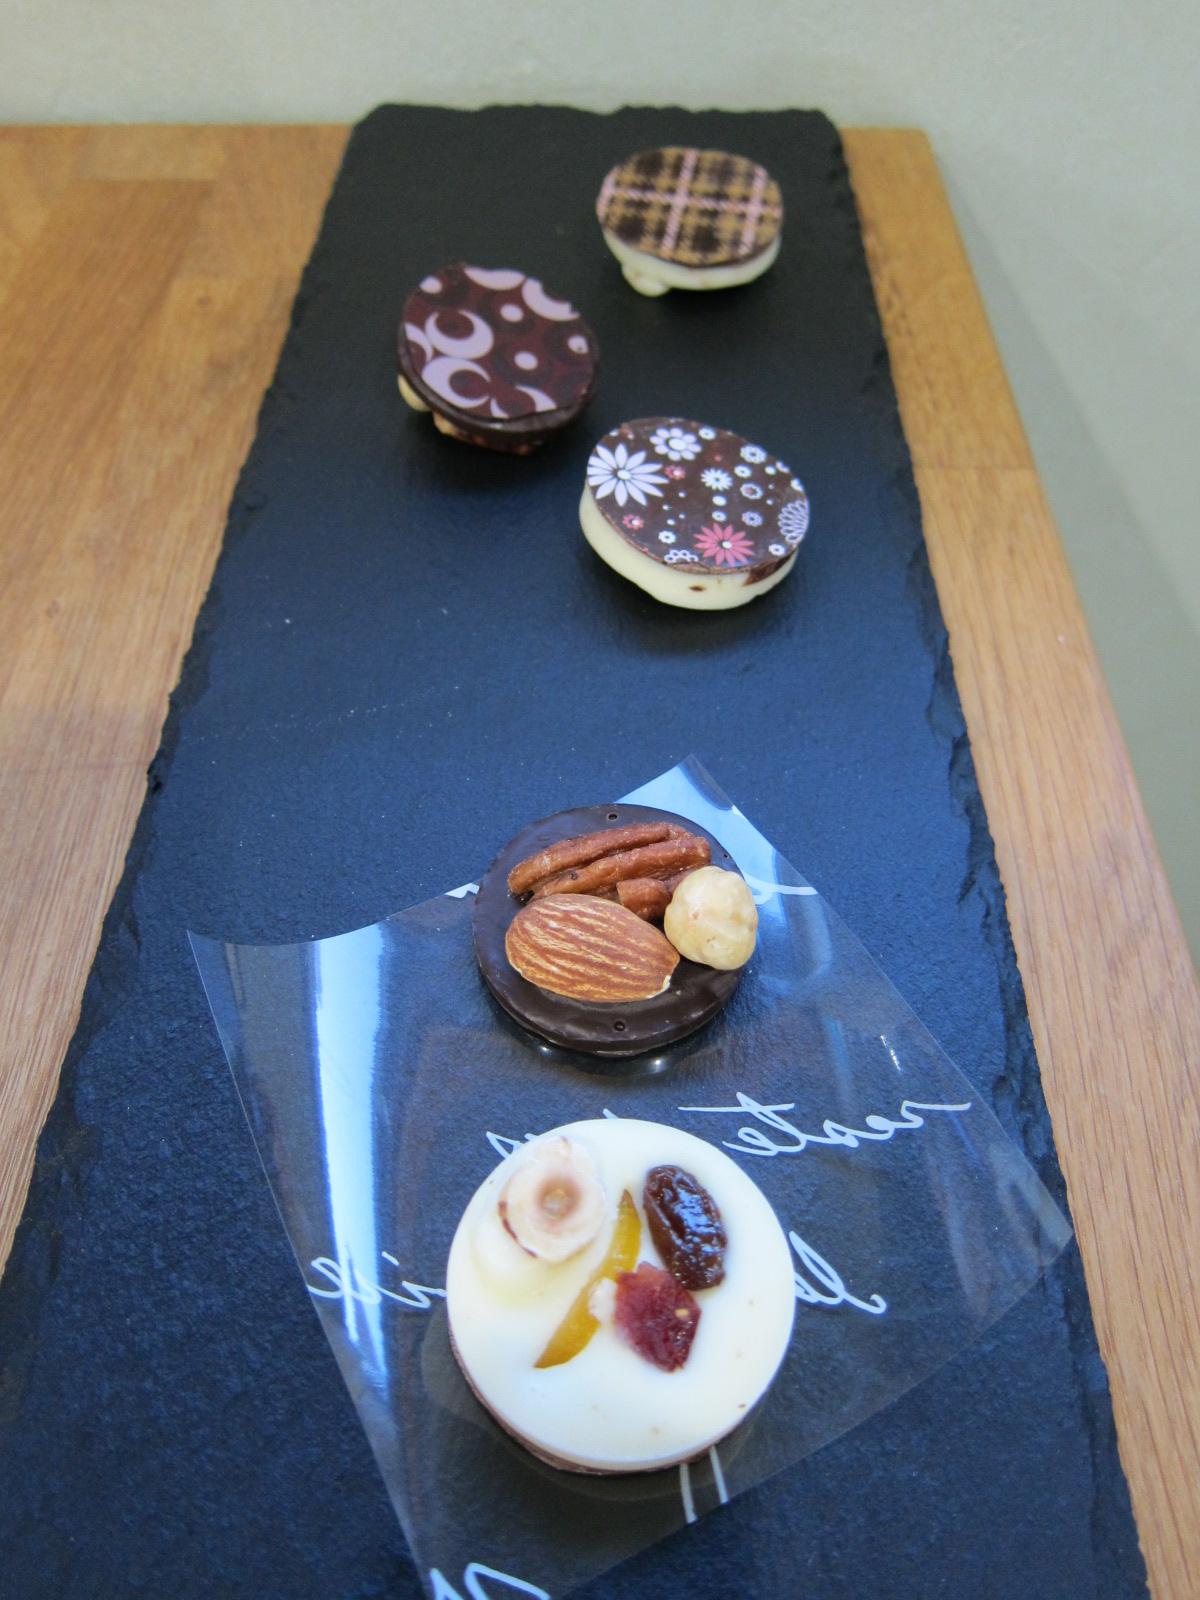 パレショコラ~ショコラ+木の実+ドライフルーツ